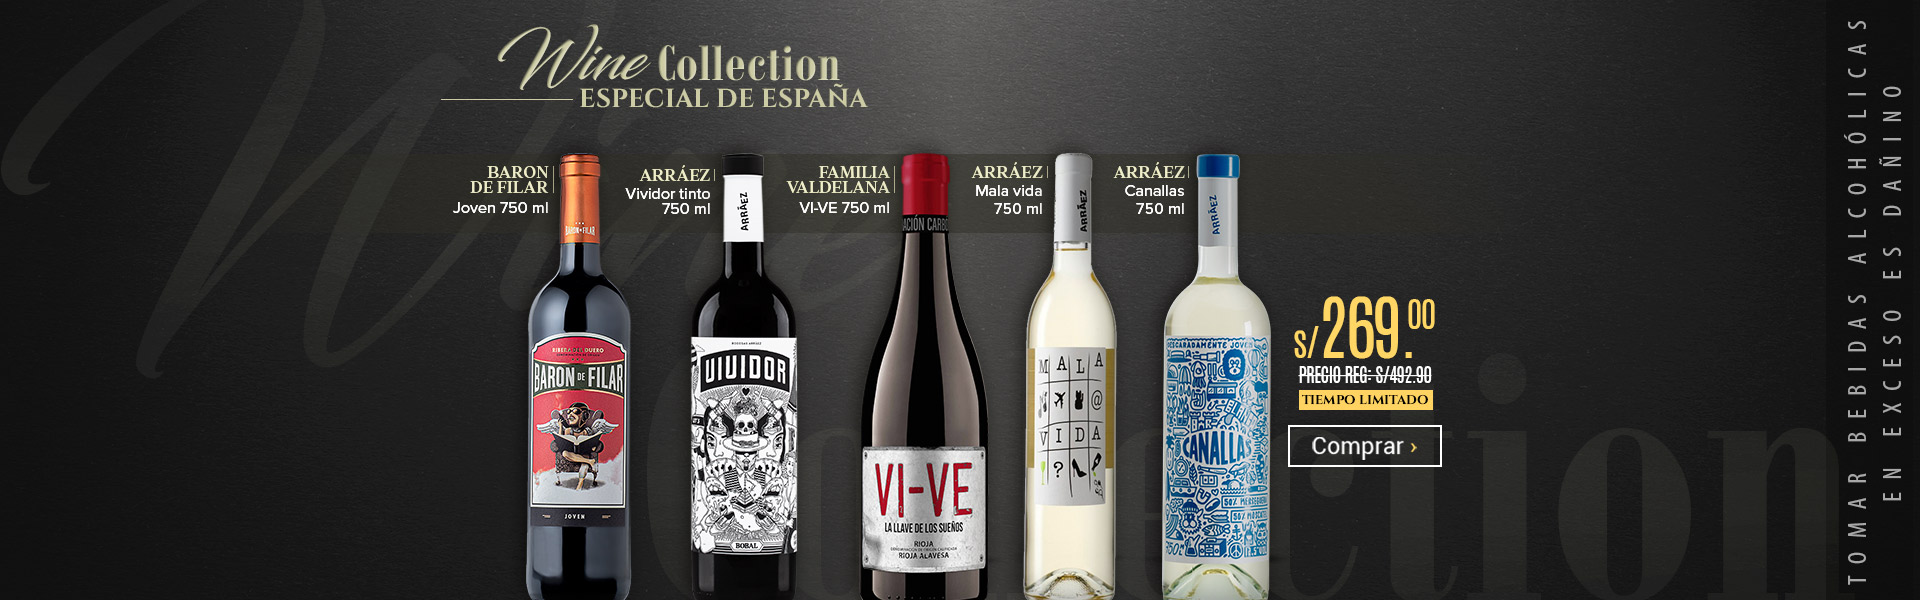 Especial de España